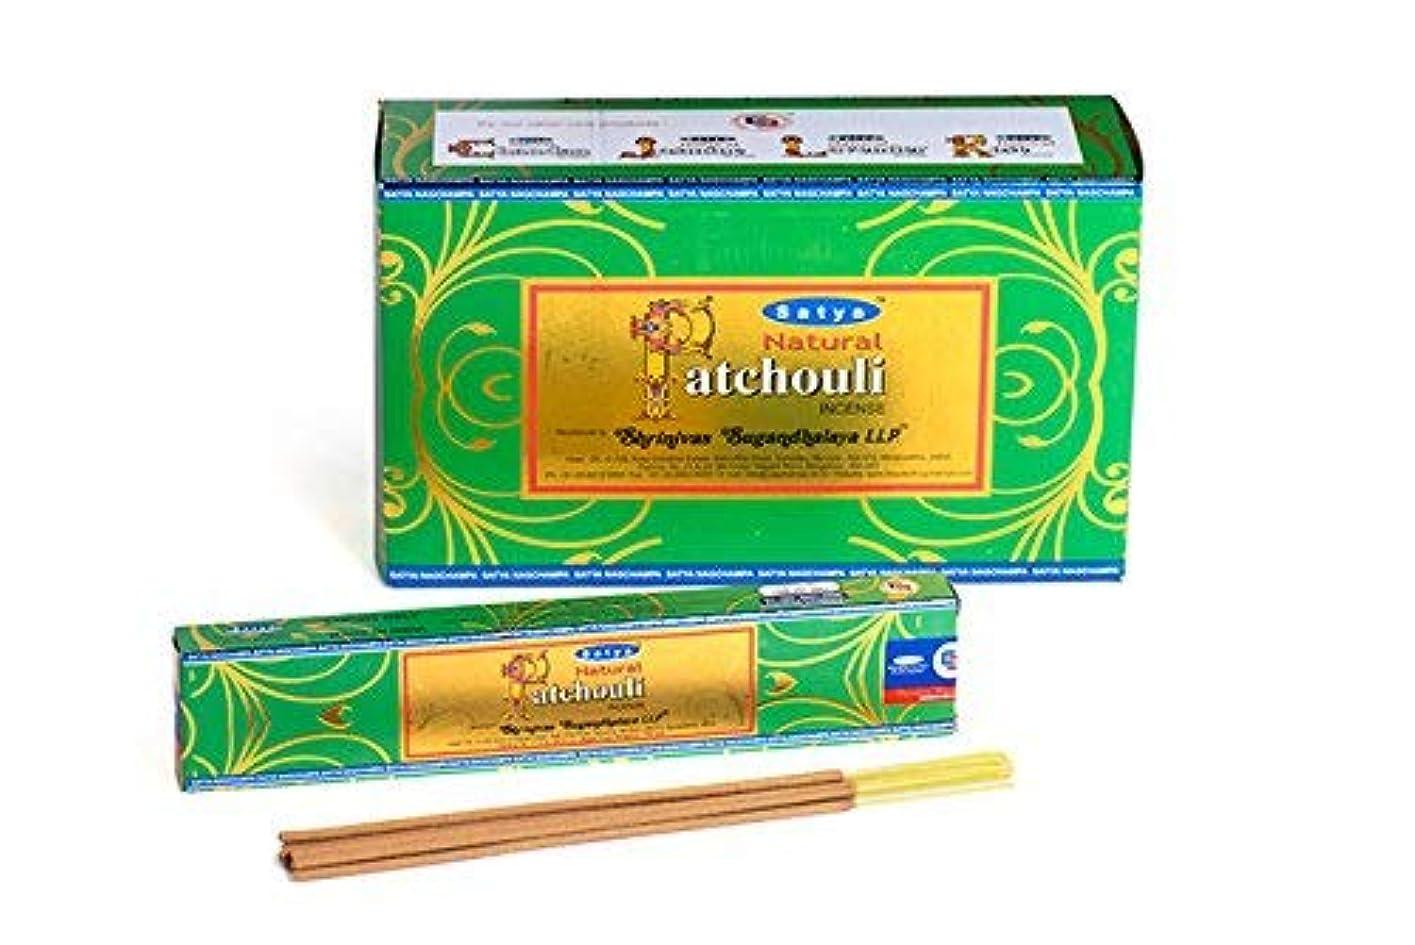 めったに霧深い手荷物SatyaナチュラルPatchouli Incense Sticks 15グラムパック、12カウントin aボックス